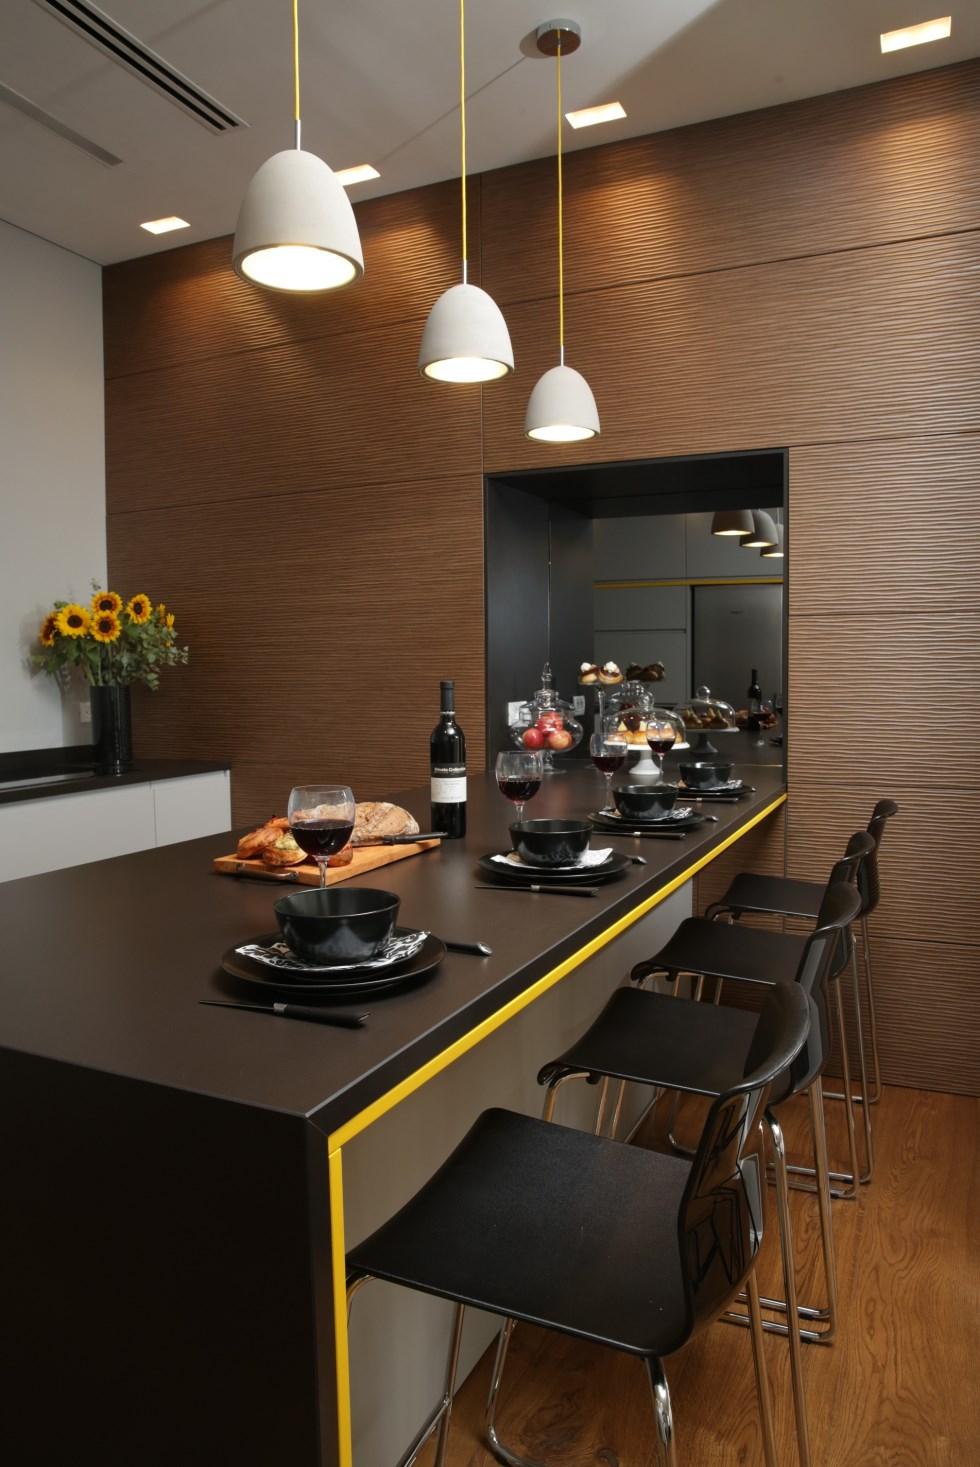 מטבחי דקור, חלל אינטימי, מעצבת ליאת הראל, צילום: רפאל בן משה